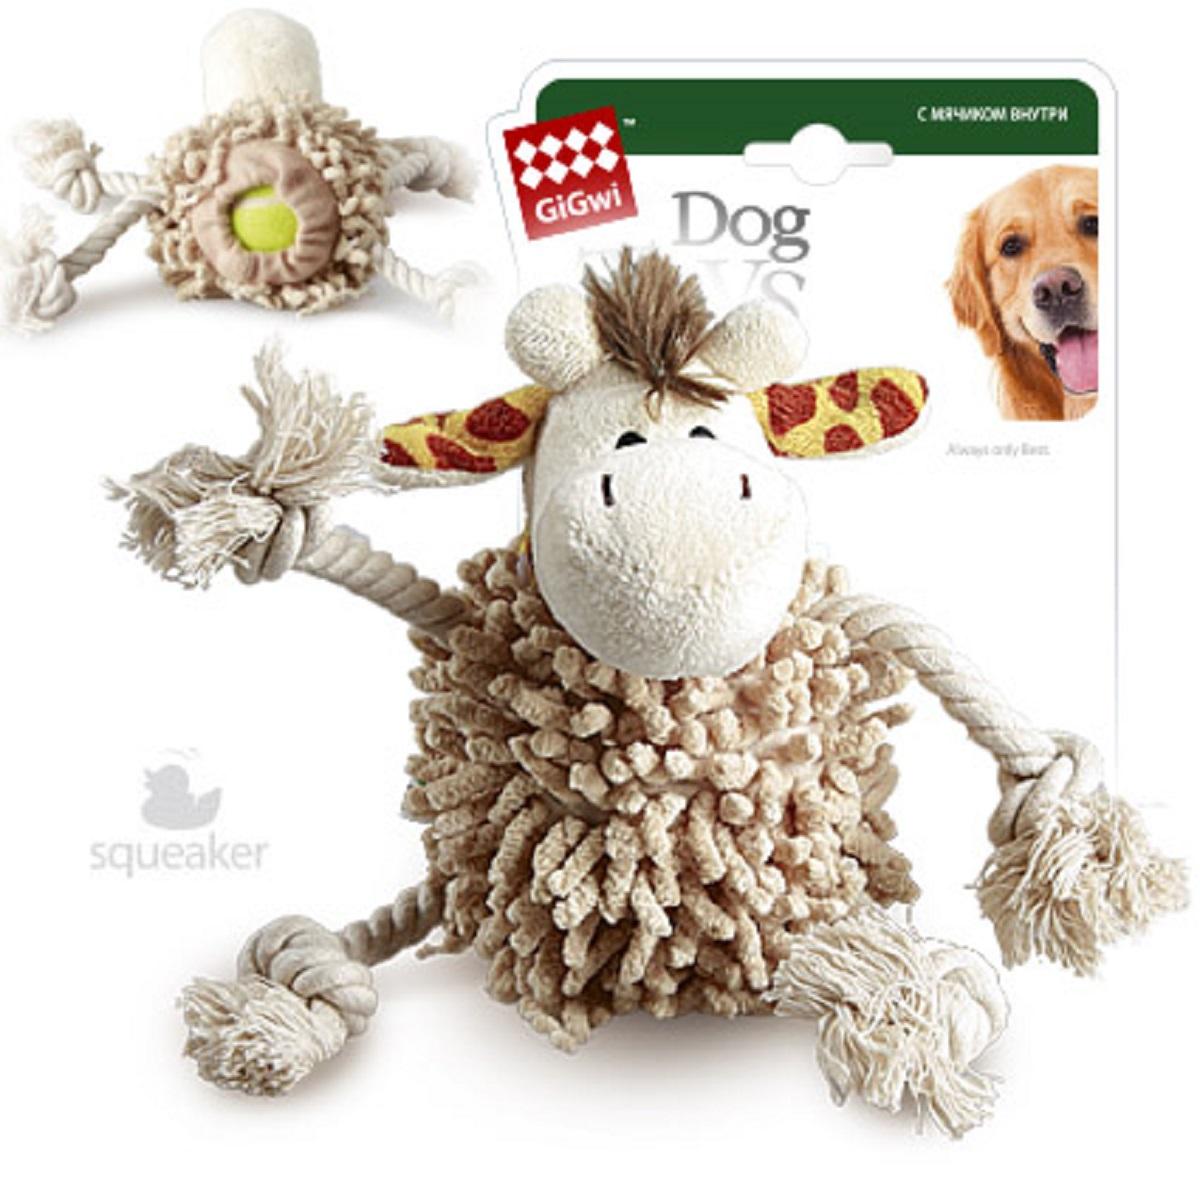 Игрушка для собак GiGwi Жираф, с теннисным мячом, длина 20 см0120710Игрушка для собак GiGwi Жираф порадует вашу собаку и доставит ей море веселья. Несмотря на большое количество материалов, большинство собак для игры выбирают классические плюшевые игрушки. Такие игрушки можно носить, уютно прижиматься во сне, жевать. Некоторые собаки просто любят взять в зубы игрушку и ходить с ней повсюду. Мягкие игрушки сохраняют запах питомца, поэтому он каждый раз к ней возвращается. Милые, мягкие и приятные зверушки характеризуются высоким качеством исполнения и привлекательным дизайном. Внутри игрушки теннисный мяч.Длина игрушки: 20 см.